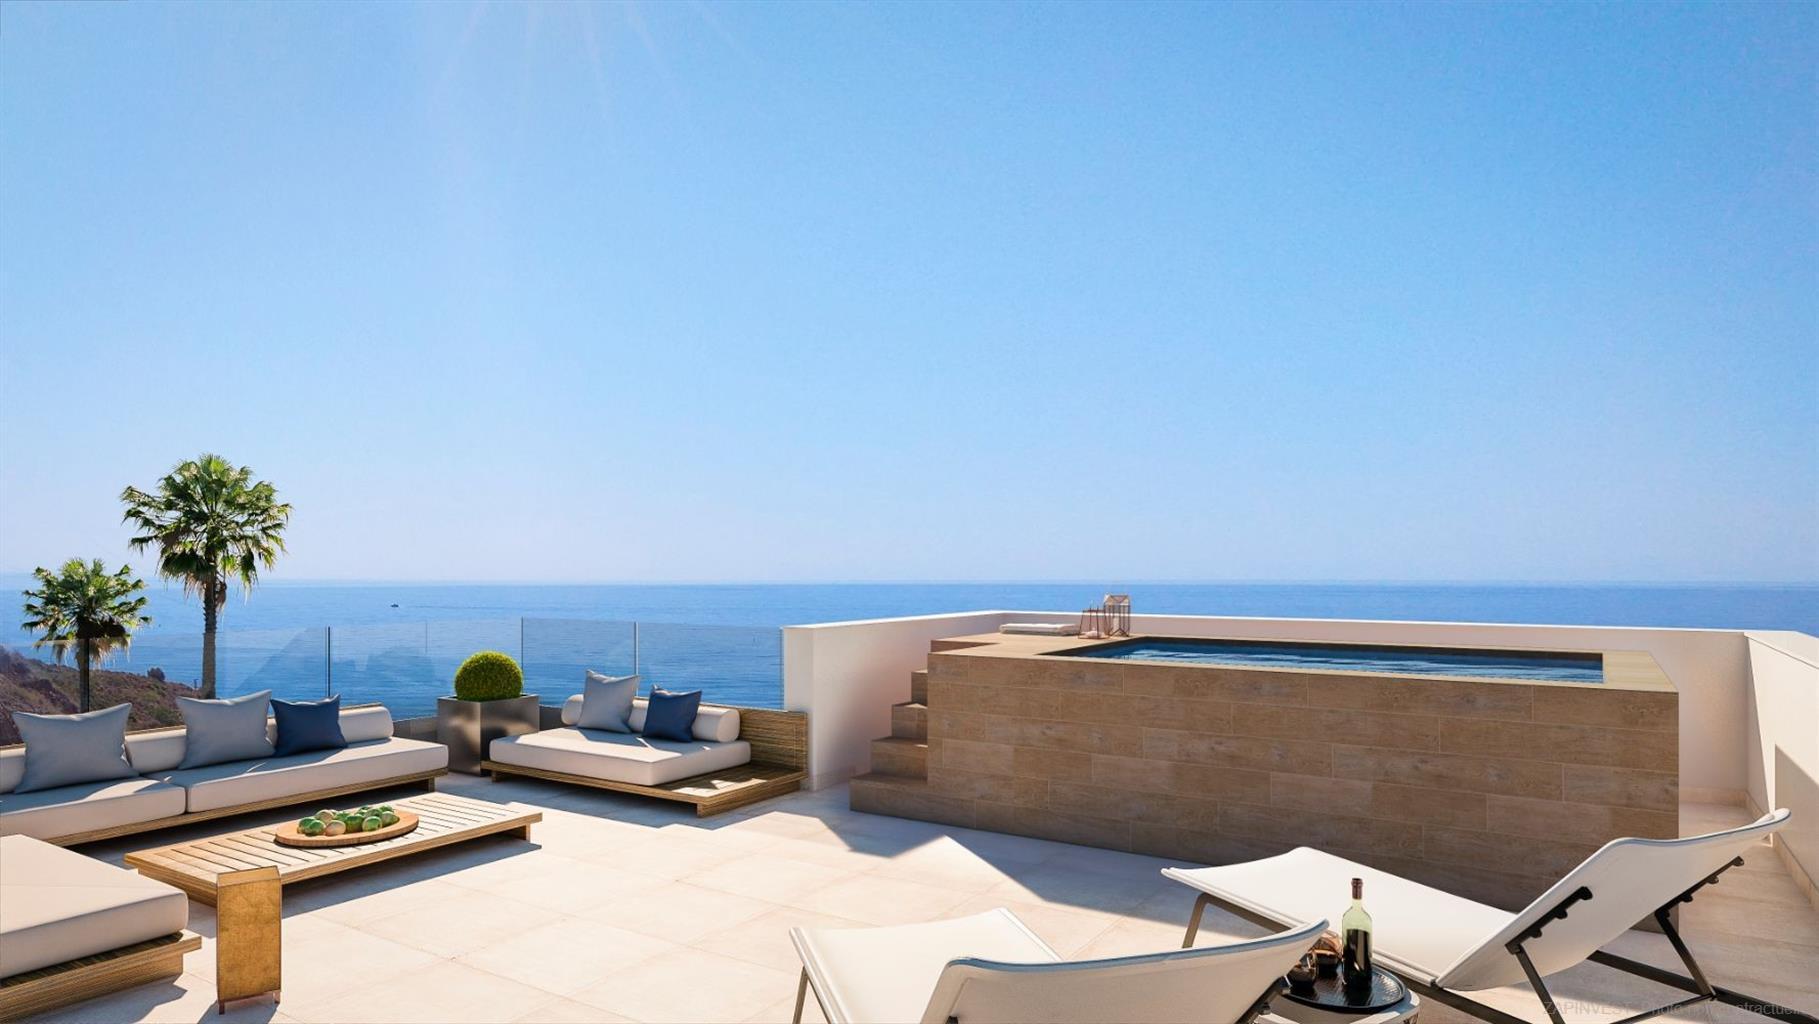 Nieuwe promotie op 500 meter van het strand en de winkels, van twee tot vier slaapkamers, lichte woonkamer, volledig uitgeruste keuken en groot terras met uitzicht op zee!